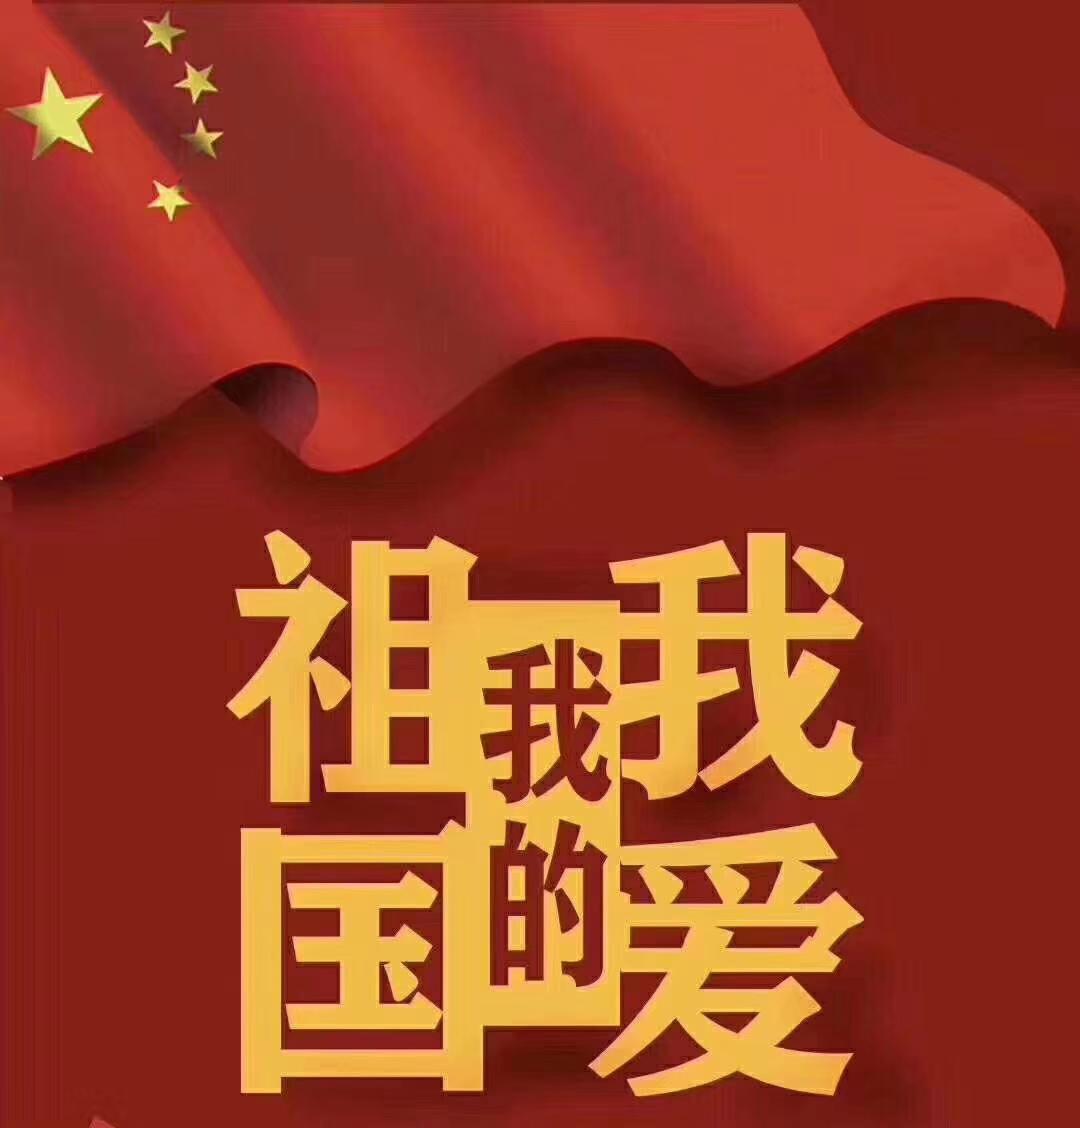 【国庆打卡第一天】我爱我的祖国